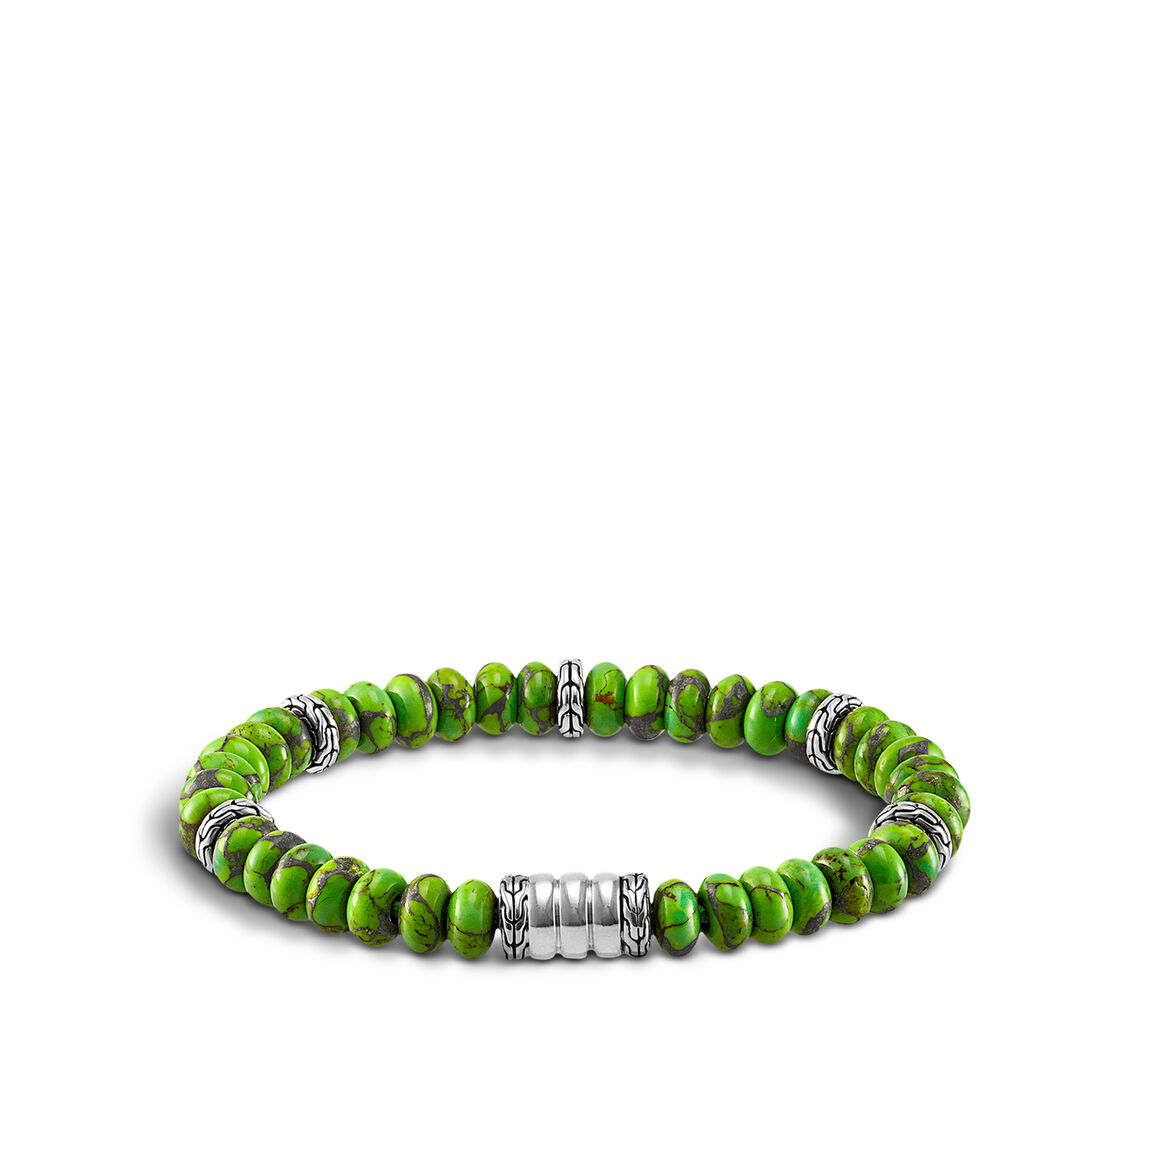 Bedeg  Bead Bracelet in Silver